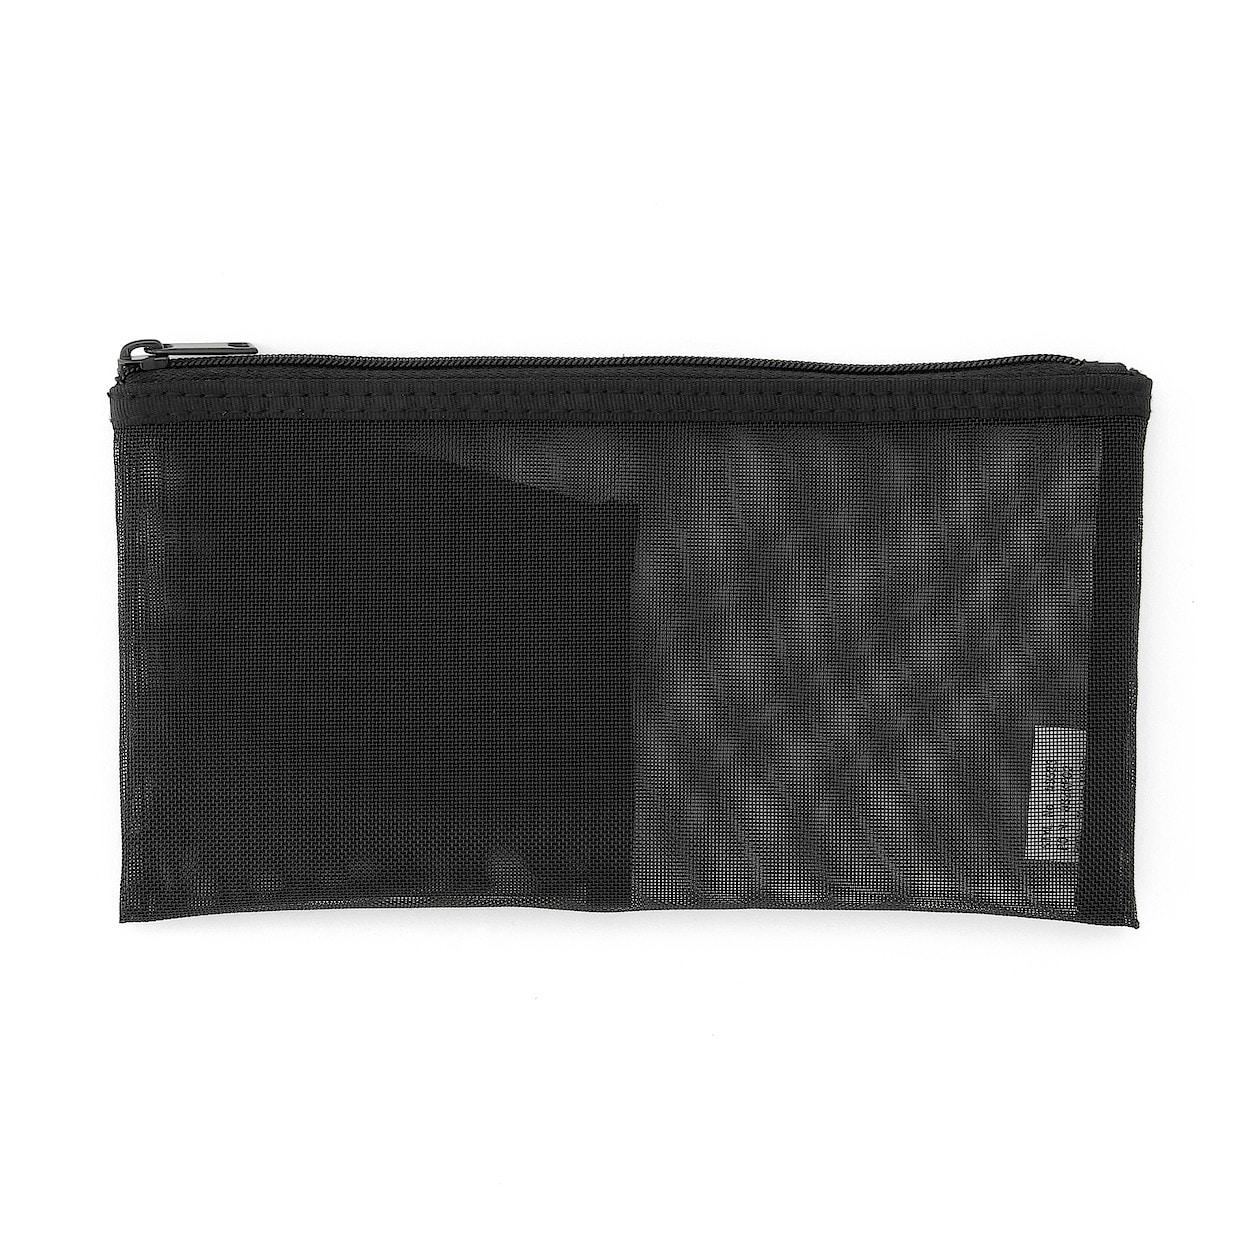 ナイロンメッシュペンケース・ポケット付き 約8×17cm・黒